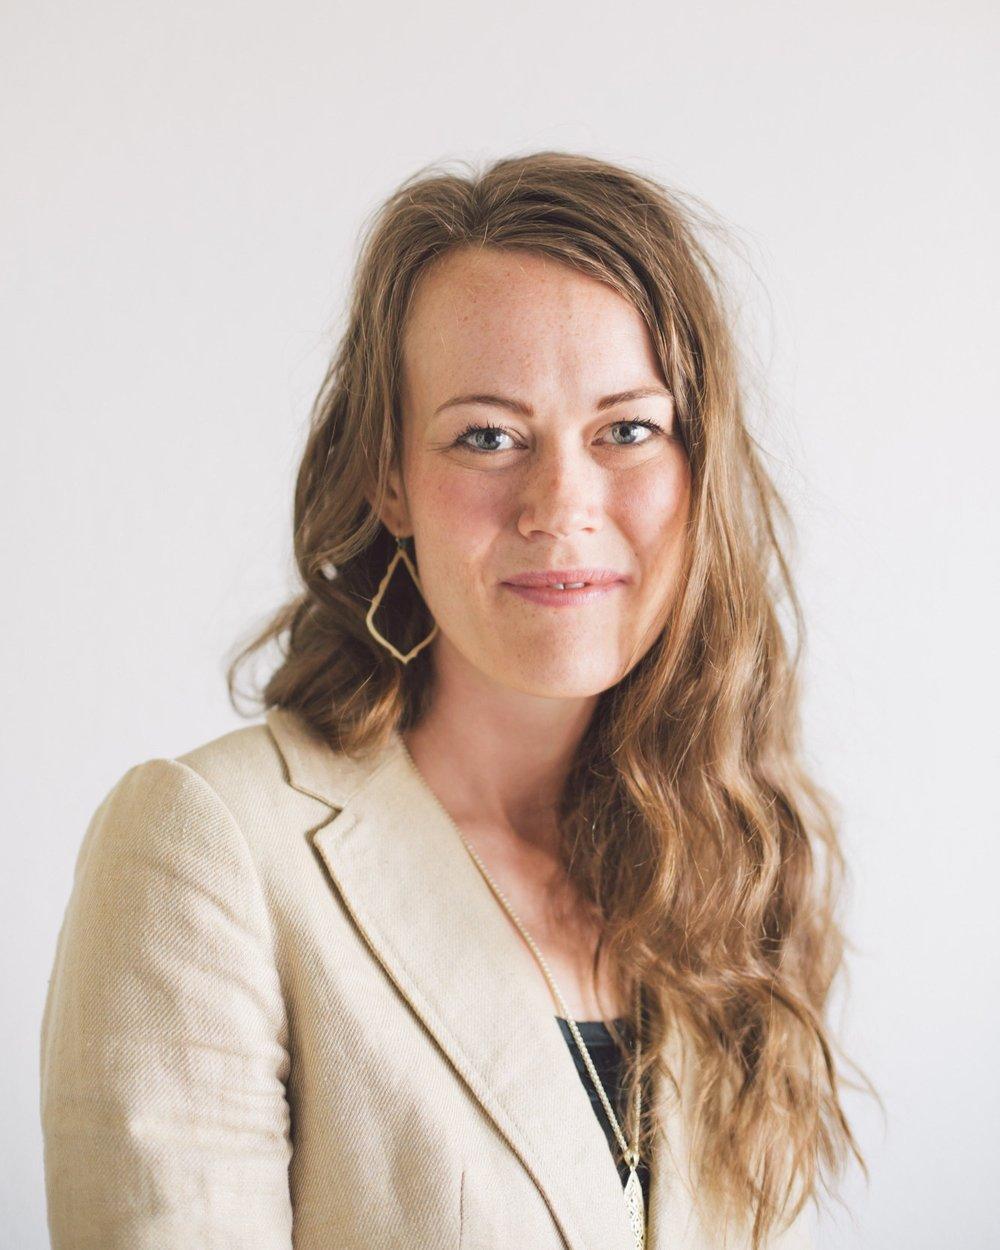 Amanda Hogue